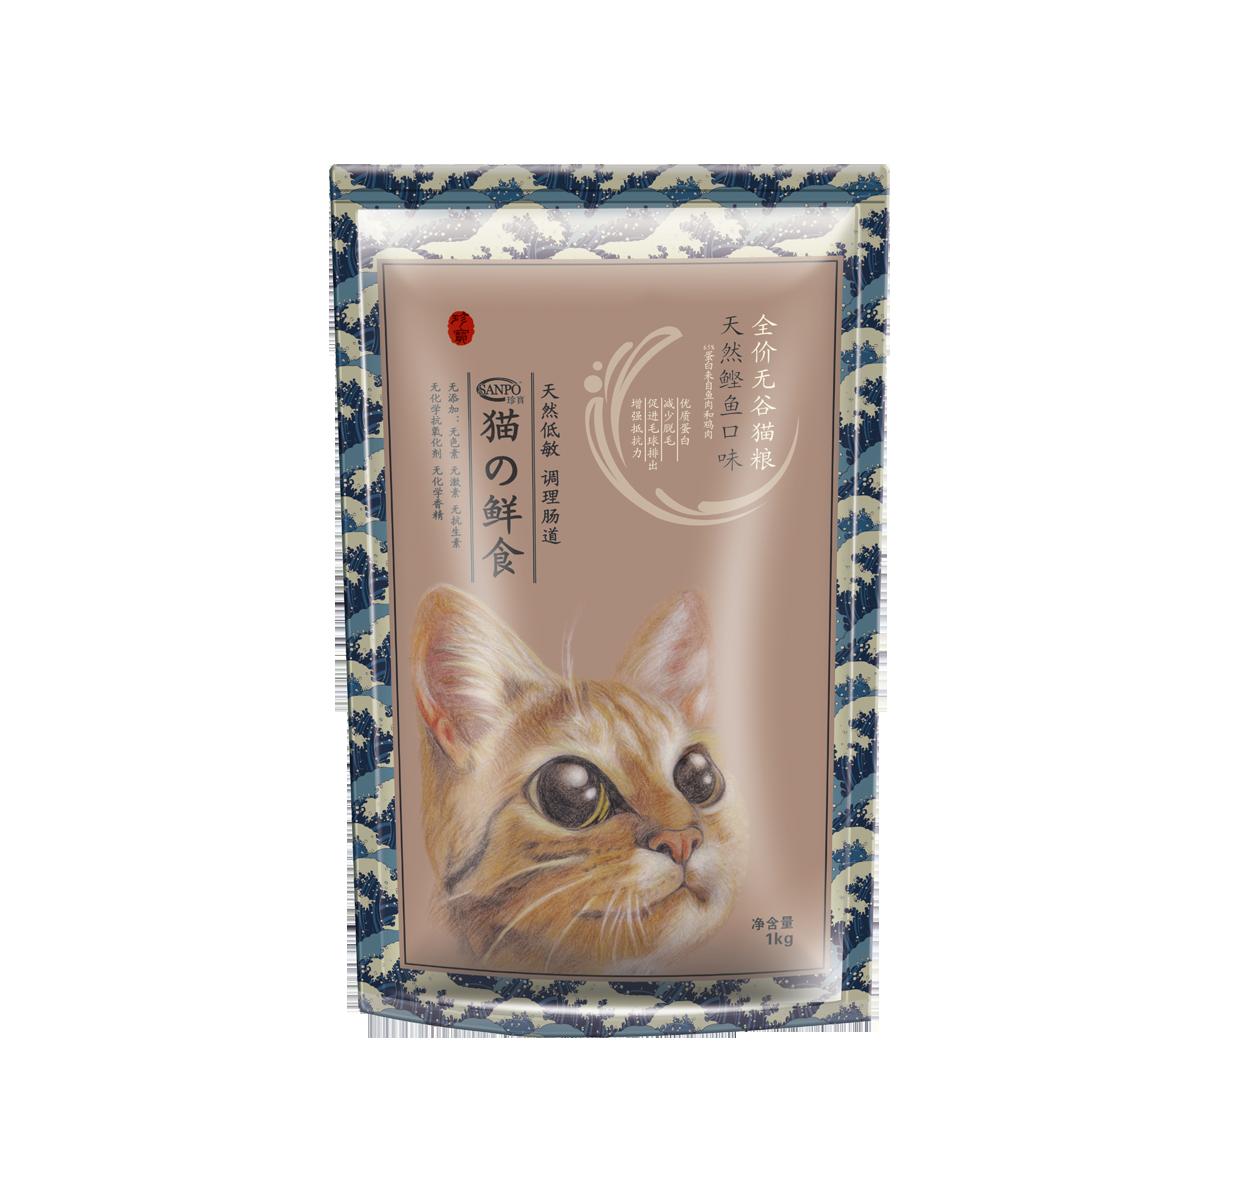 珍宝全价无谷全阶段猫粮 天然猫粮1kg 天然低敏调理肠道猫粮